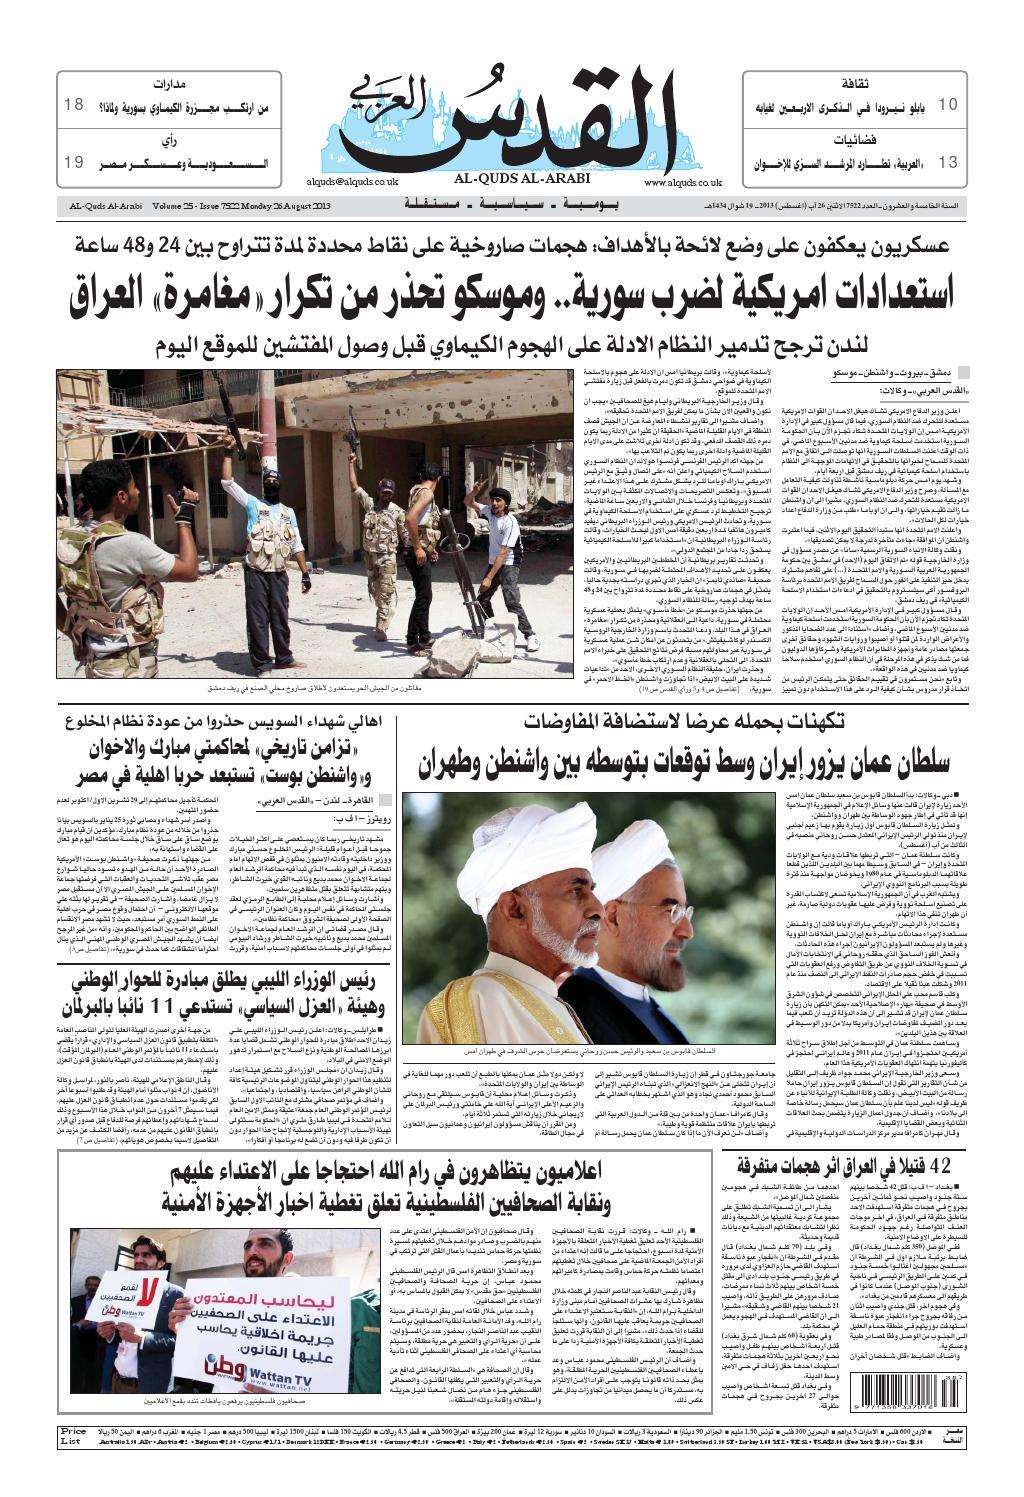 صحيفة القدس العربي الإثنين 26 08 2013 By مركز الحدث Issuu